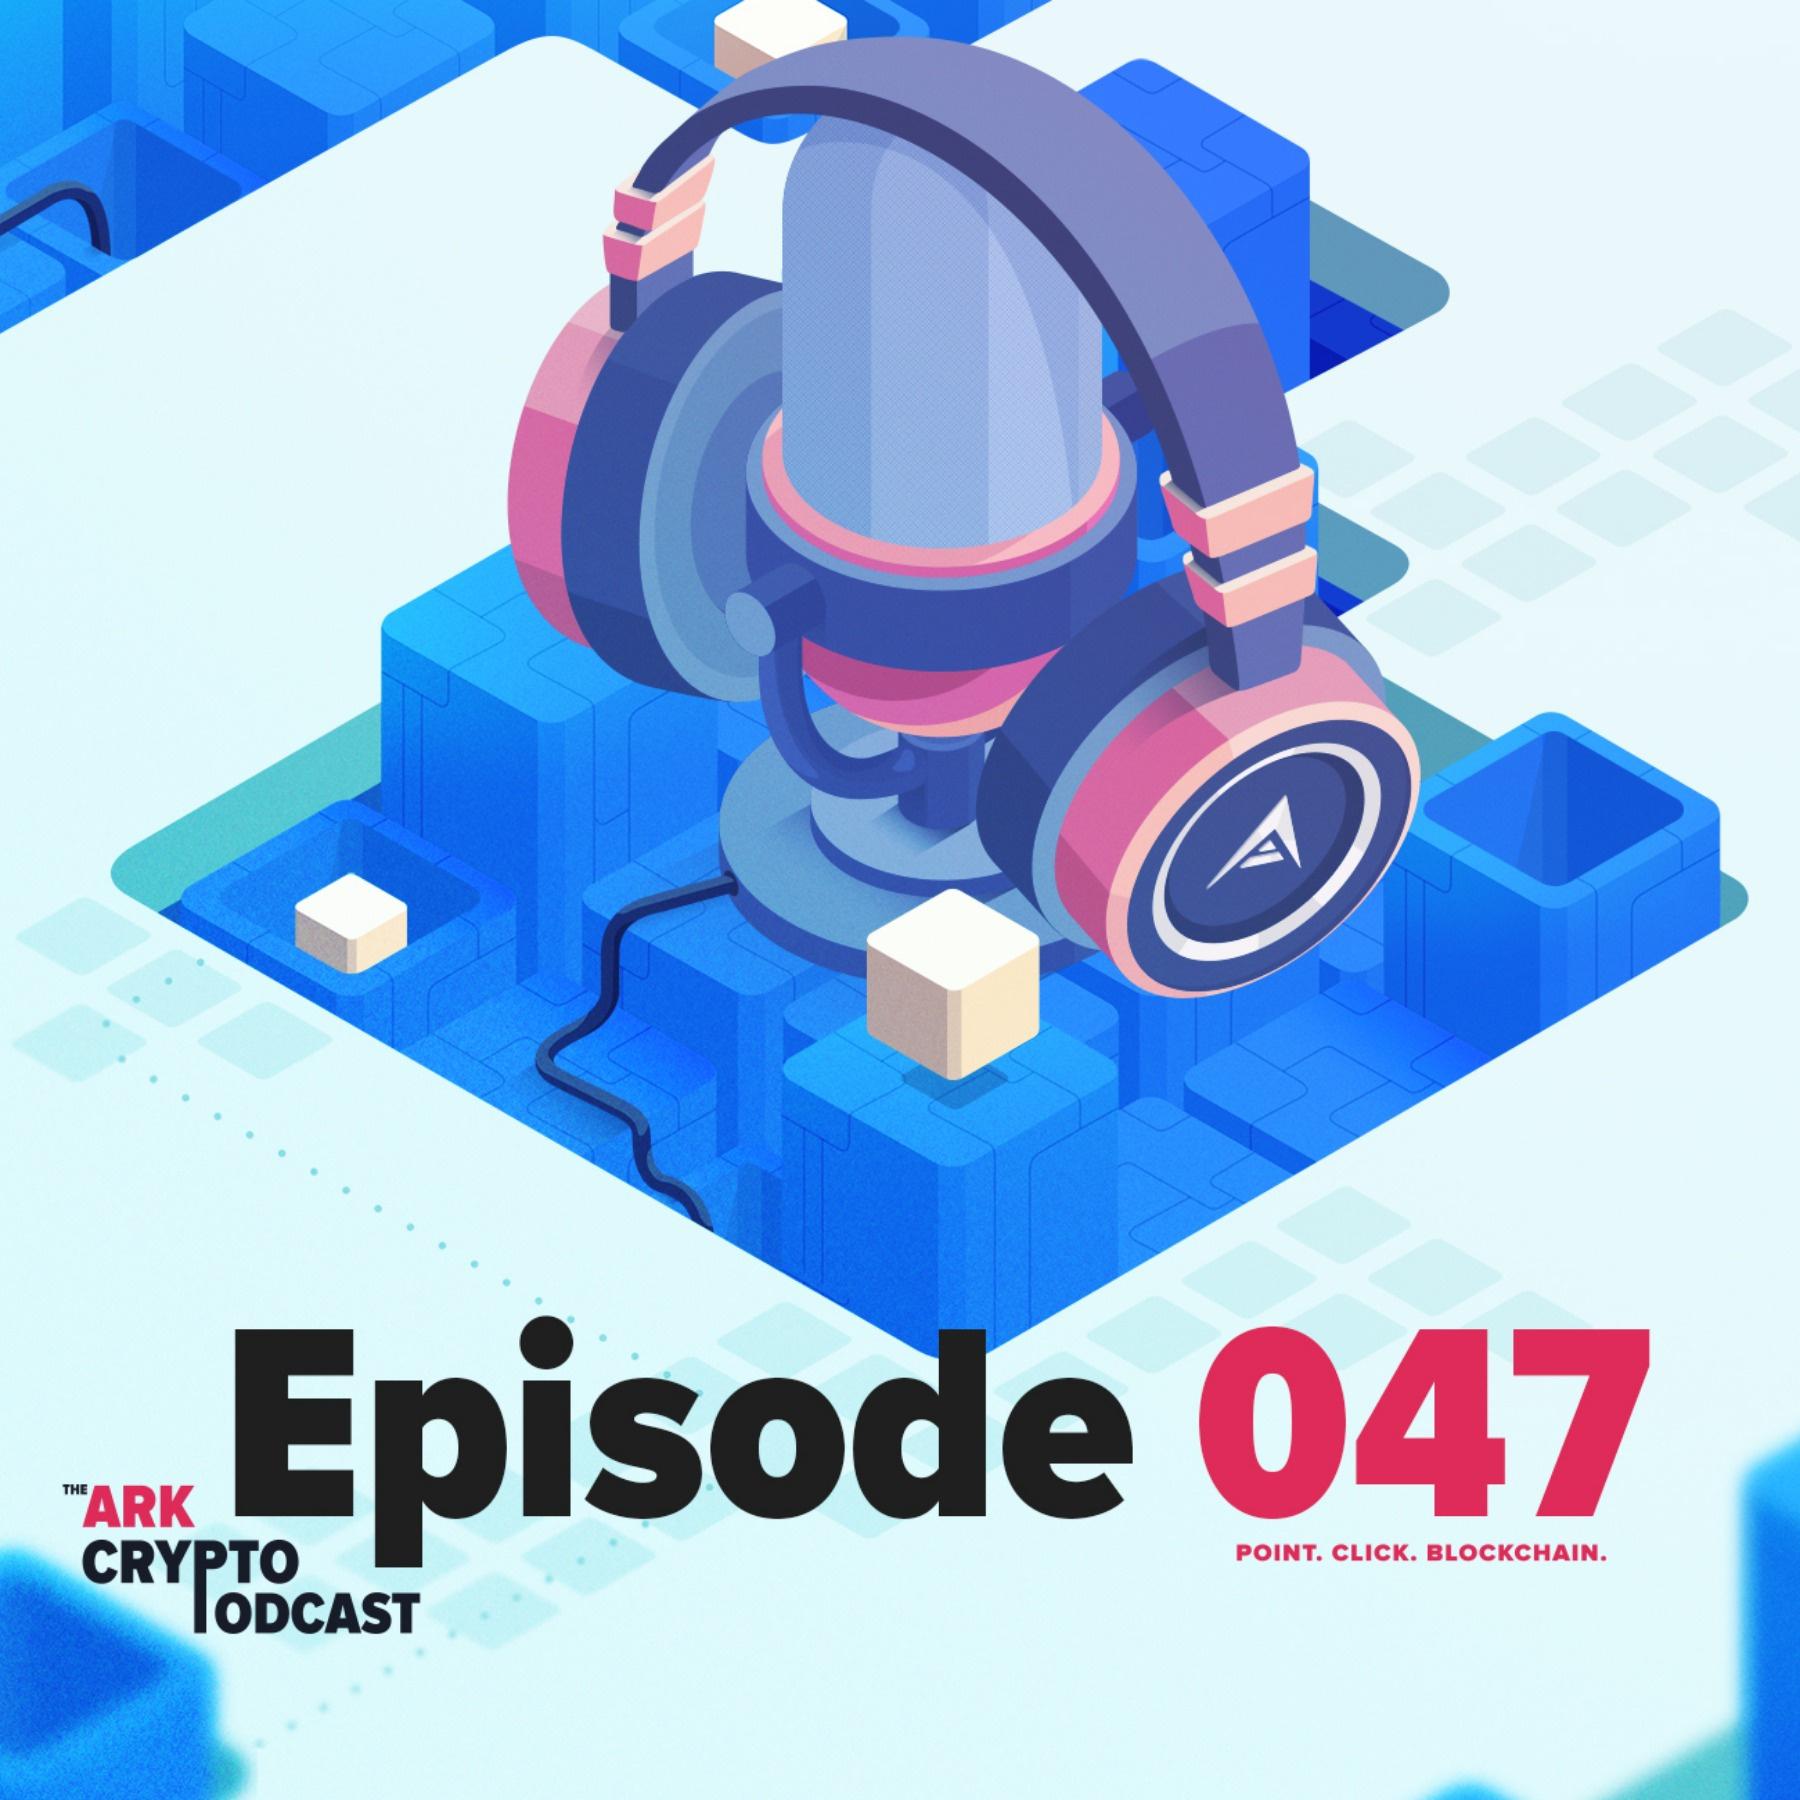 ARK Crypto Podcast #047 - Blockchain Legal Roundup No. 2 with Ray Alva